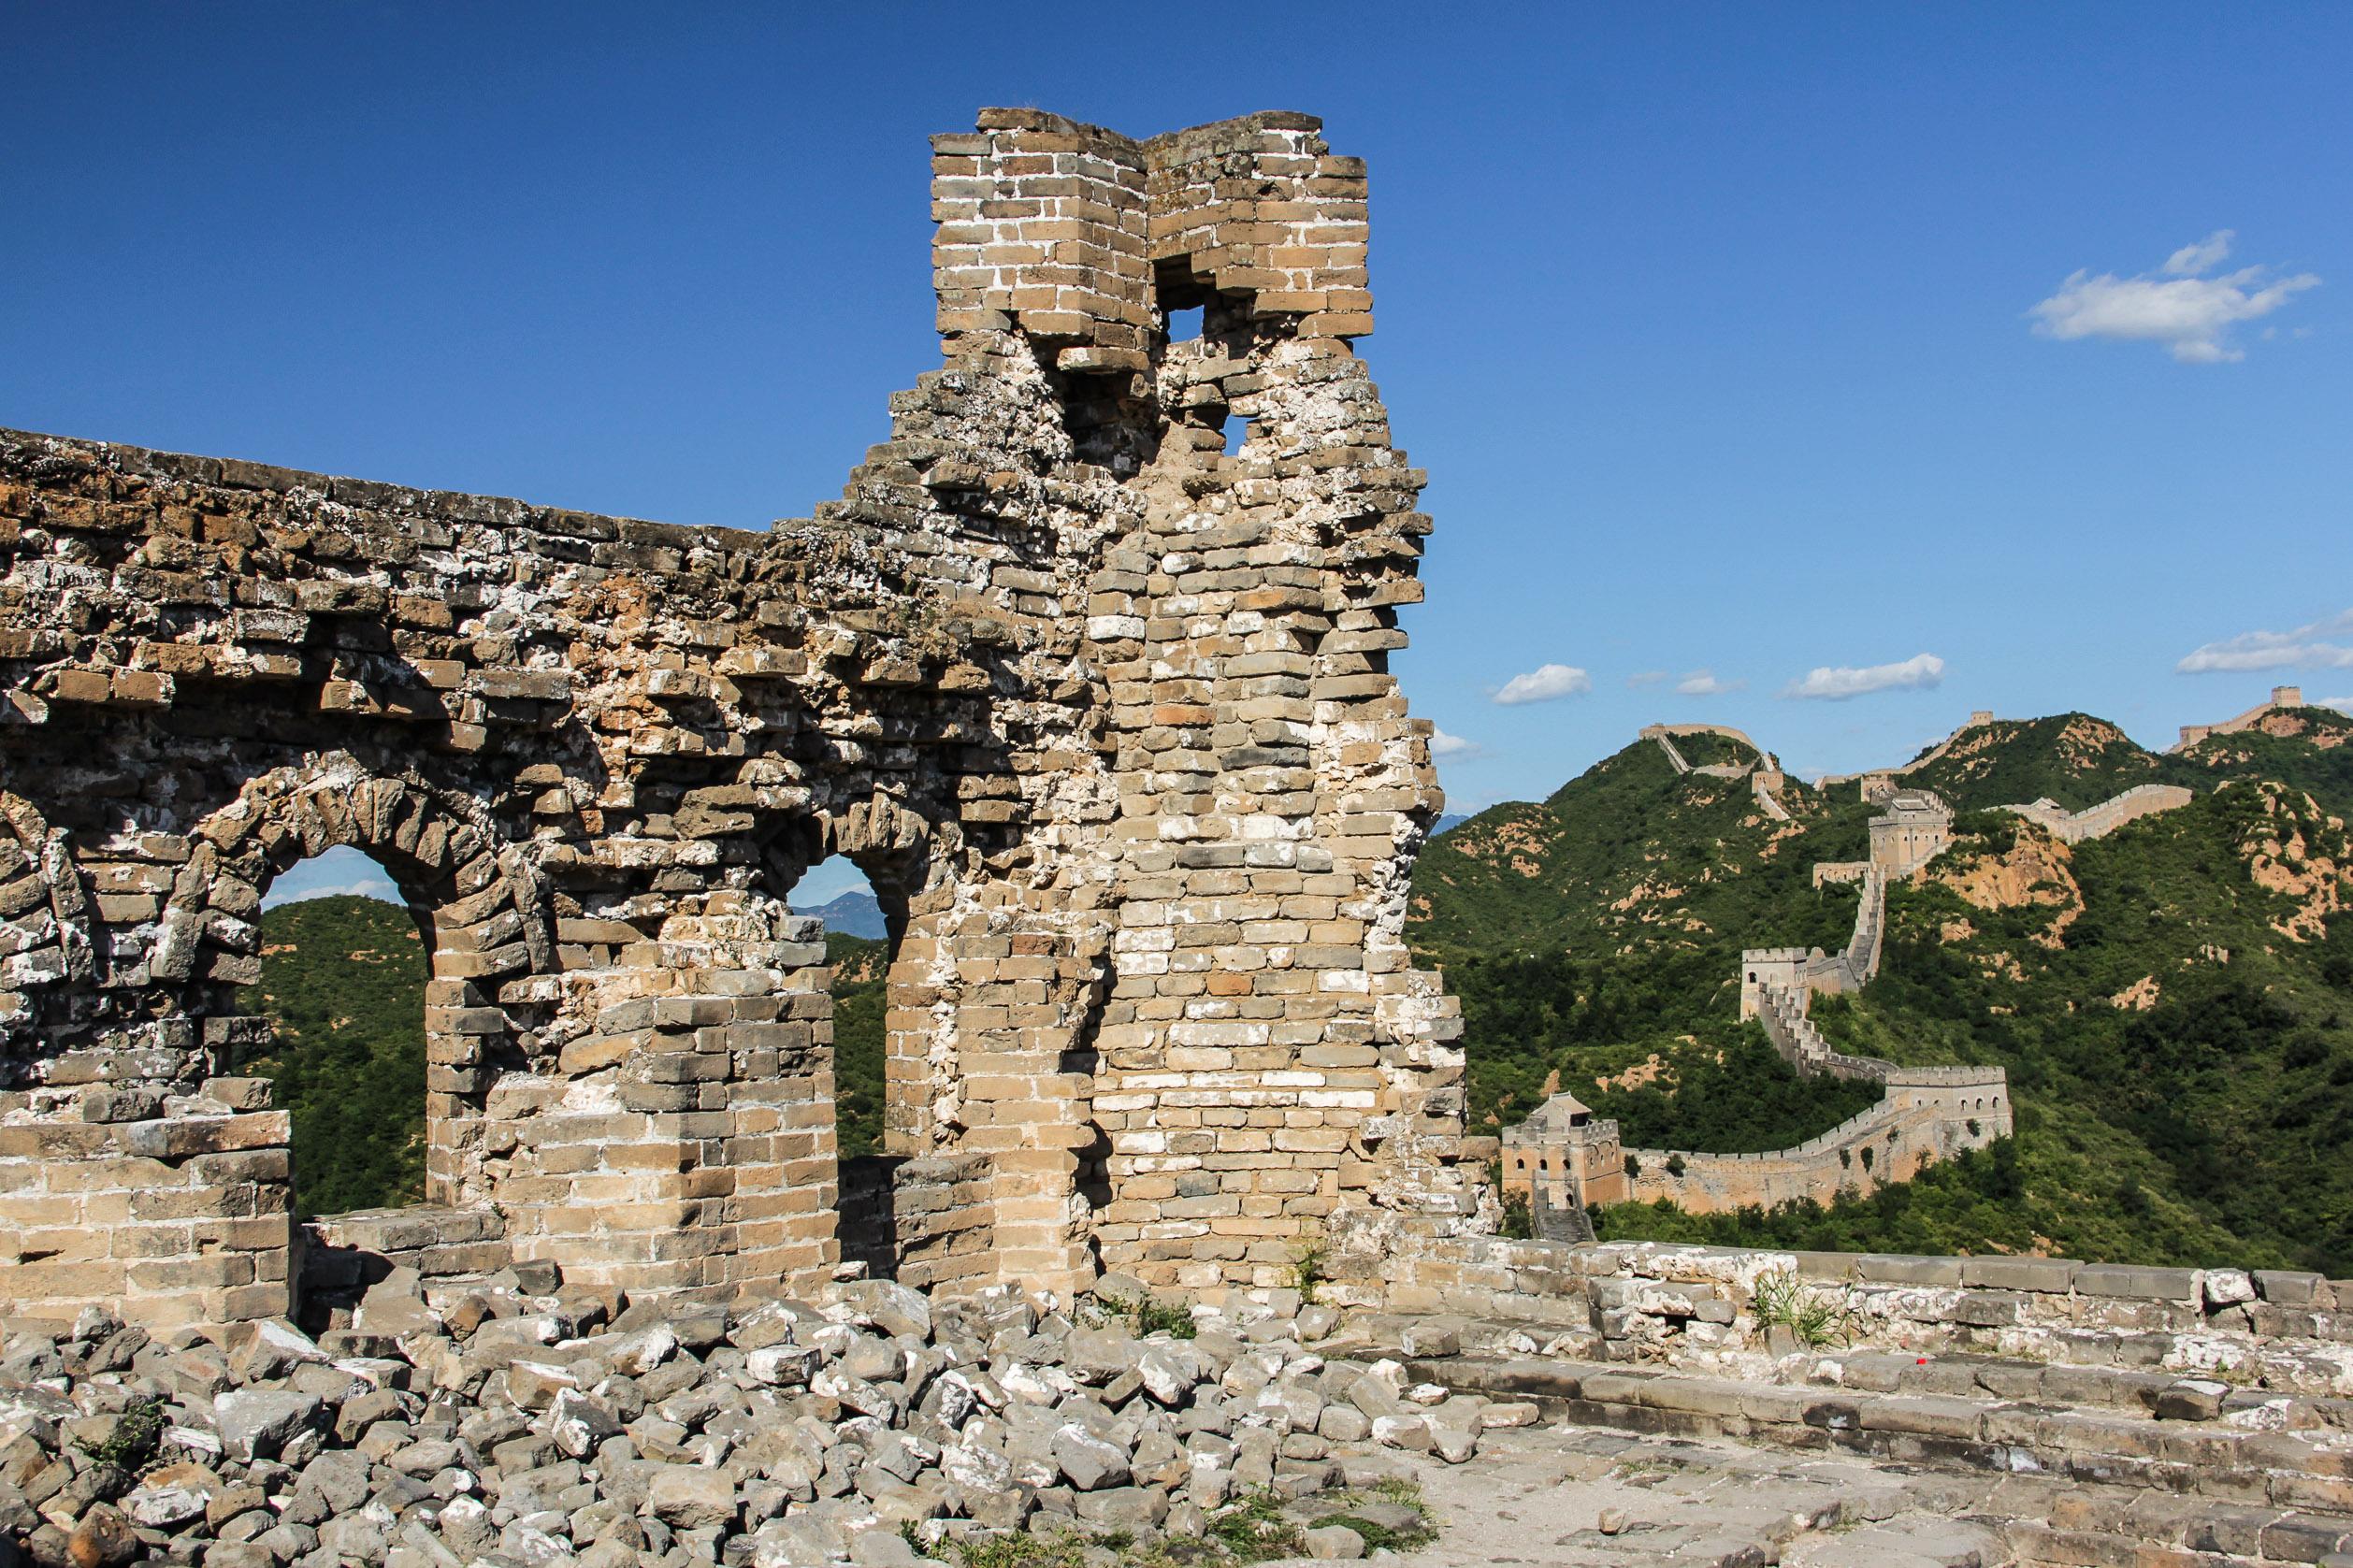 Morceau de ruine sur la Muraille de Chine